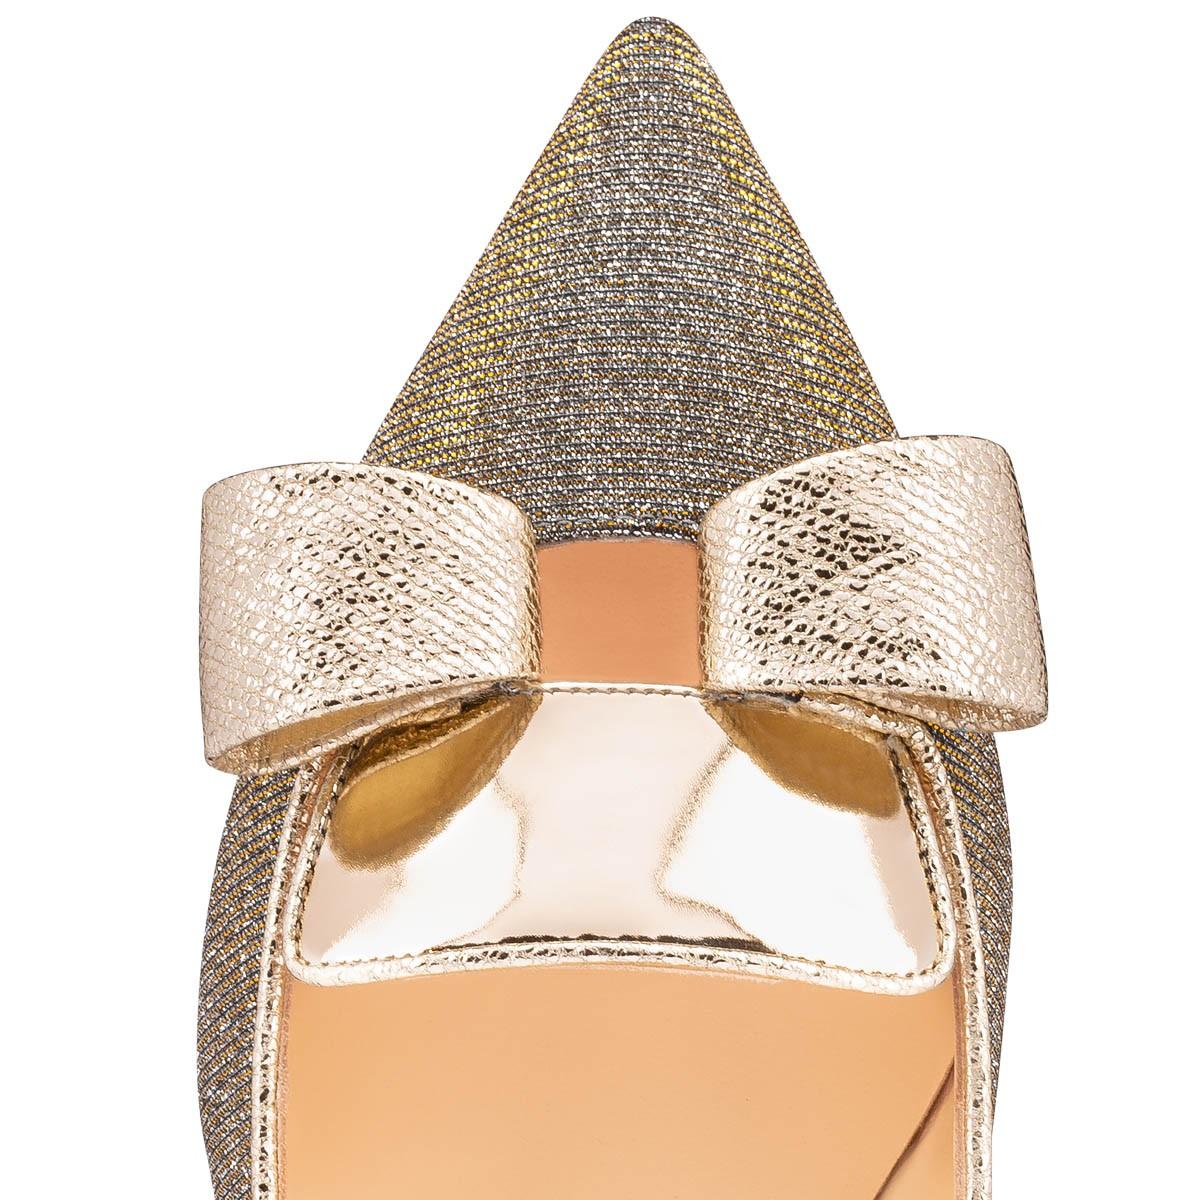 鞋履 - Souriceau - Christian Louboutin